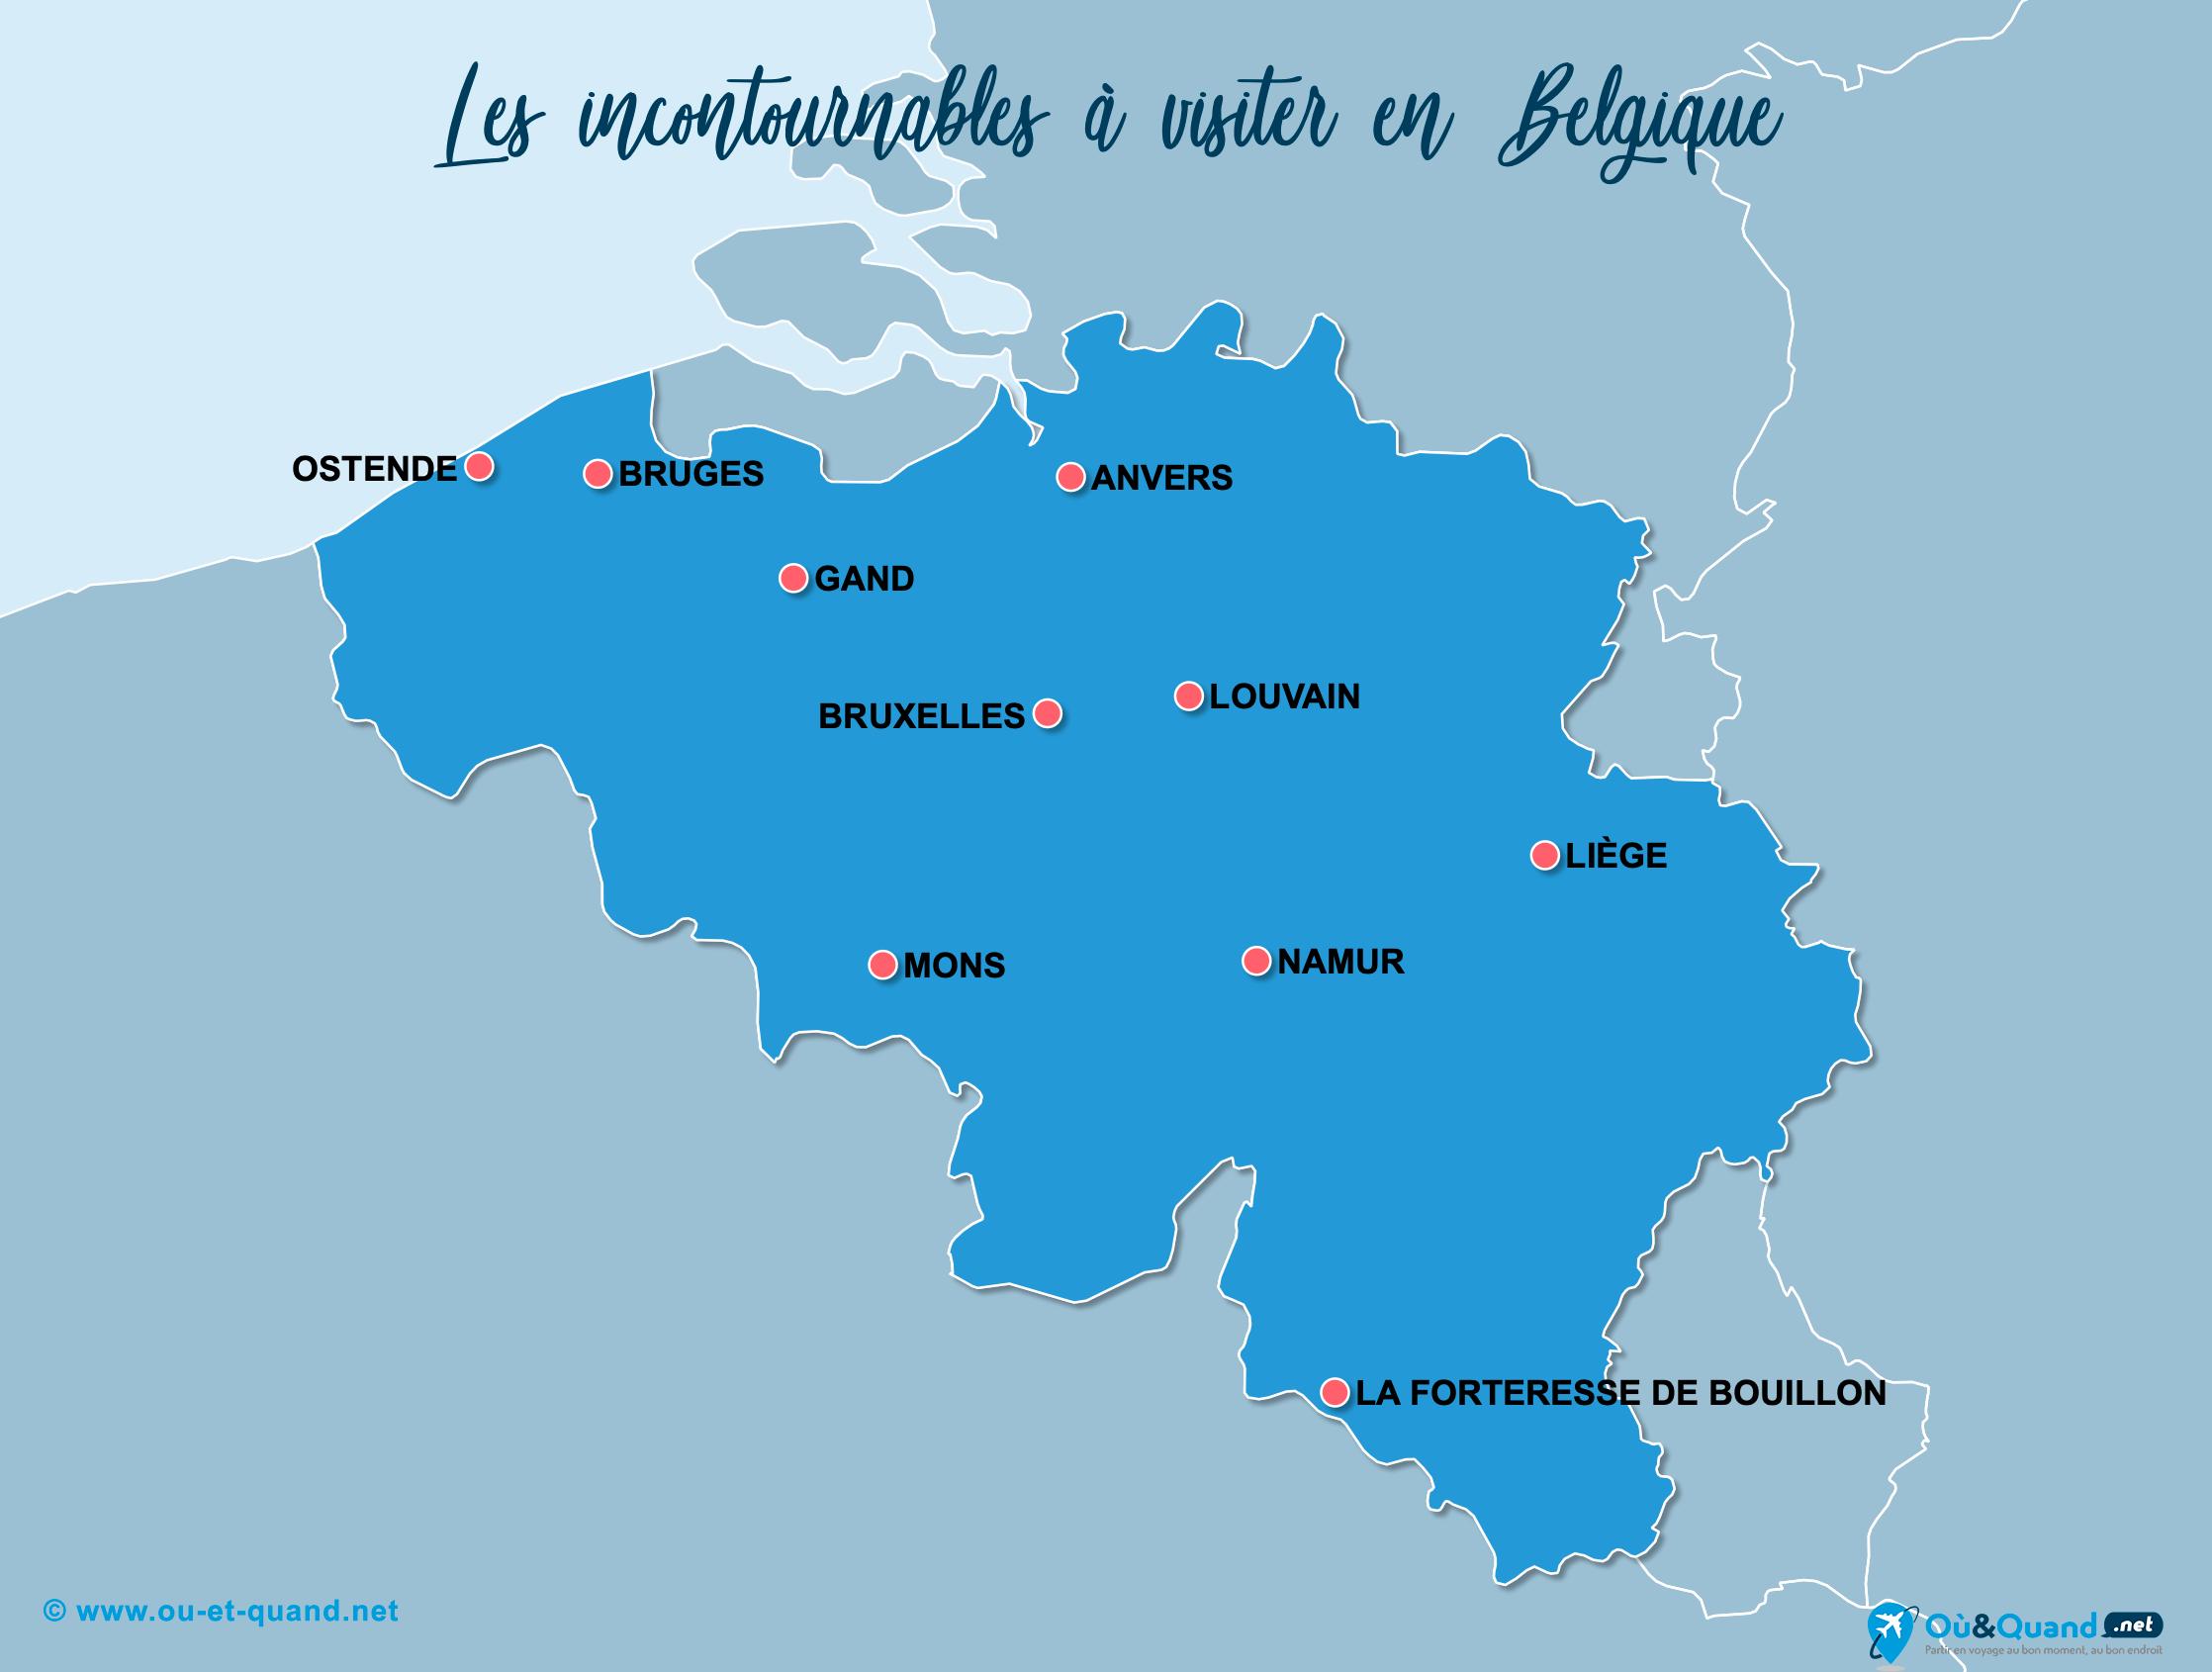 Carte Belgique : Les lieux incontournables en Belgique